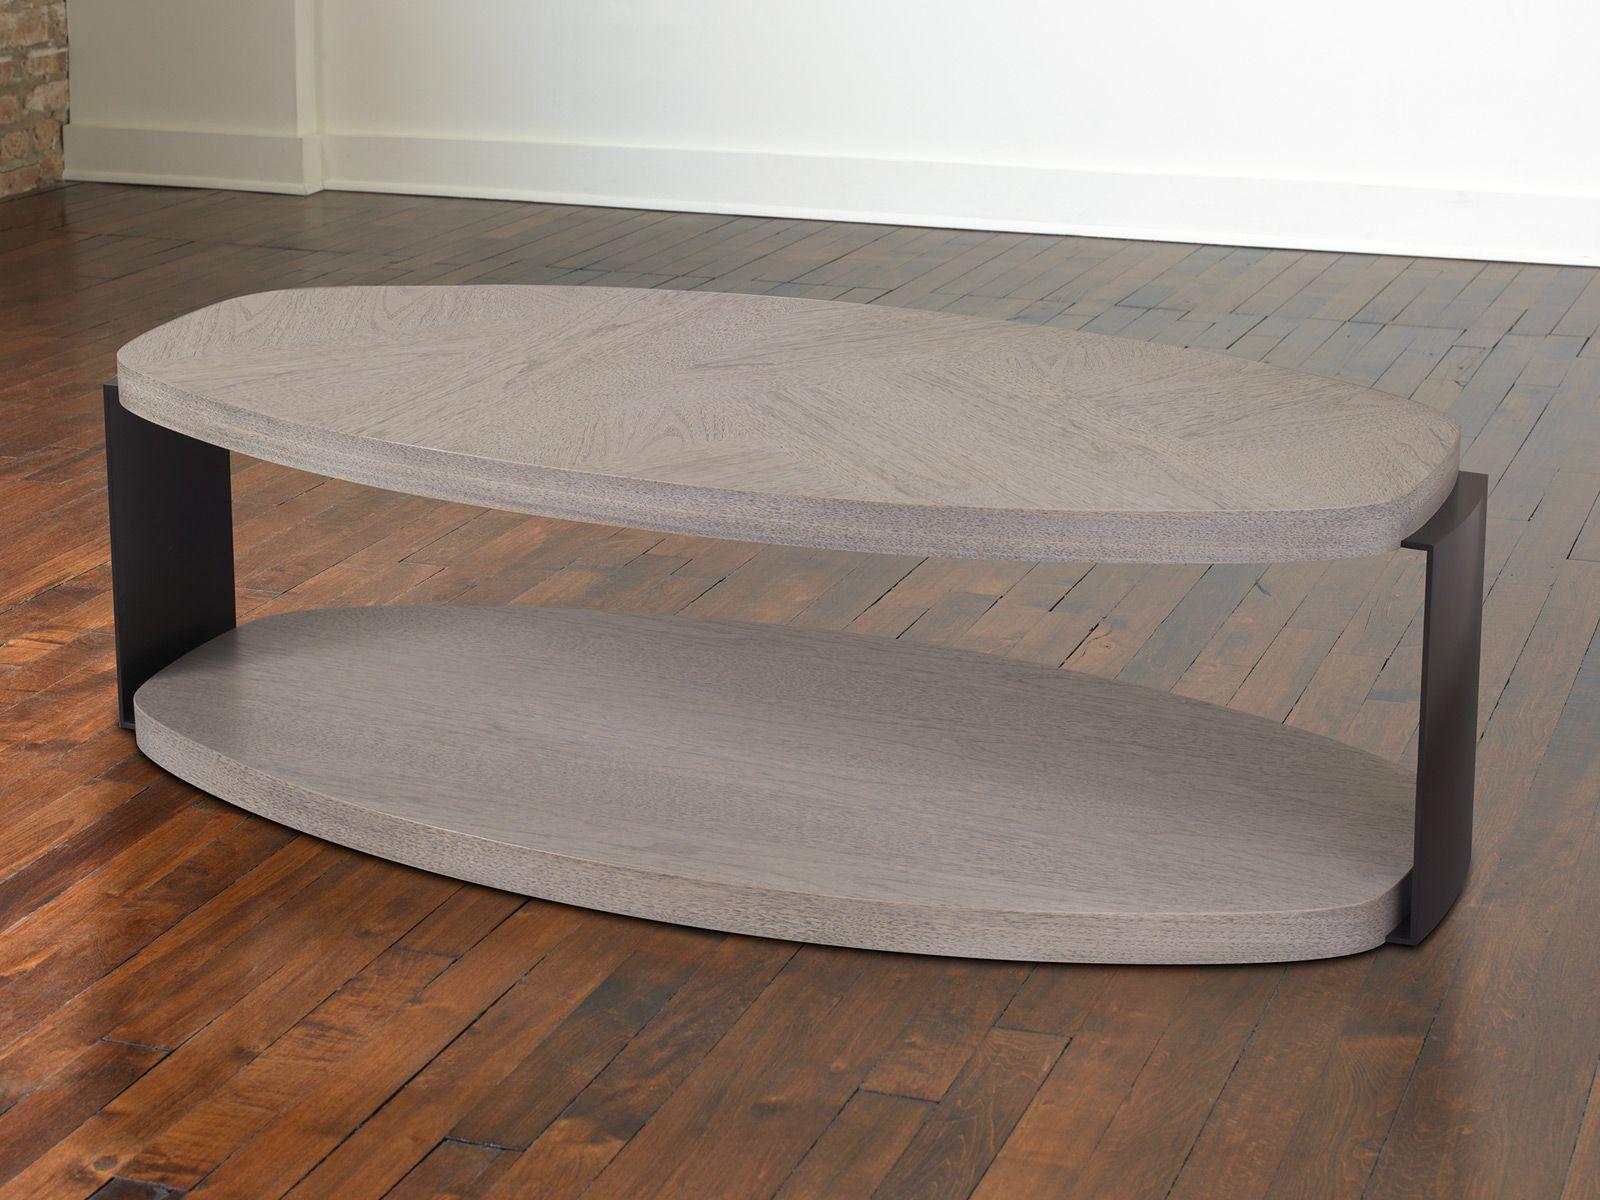 Mattaliano Ettore Oval Coffee Table De Sousa Hughes Interior Design Resources Contemporary Interior Design Contemporary Interior [ 1200 x 1600 Pixel ]